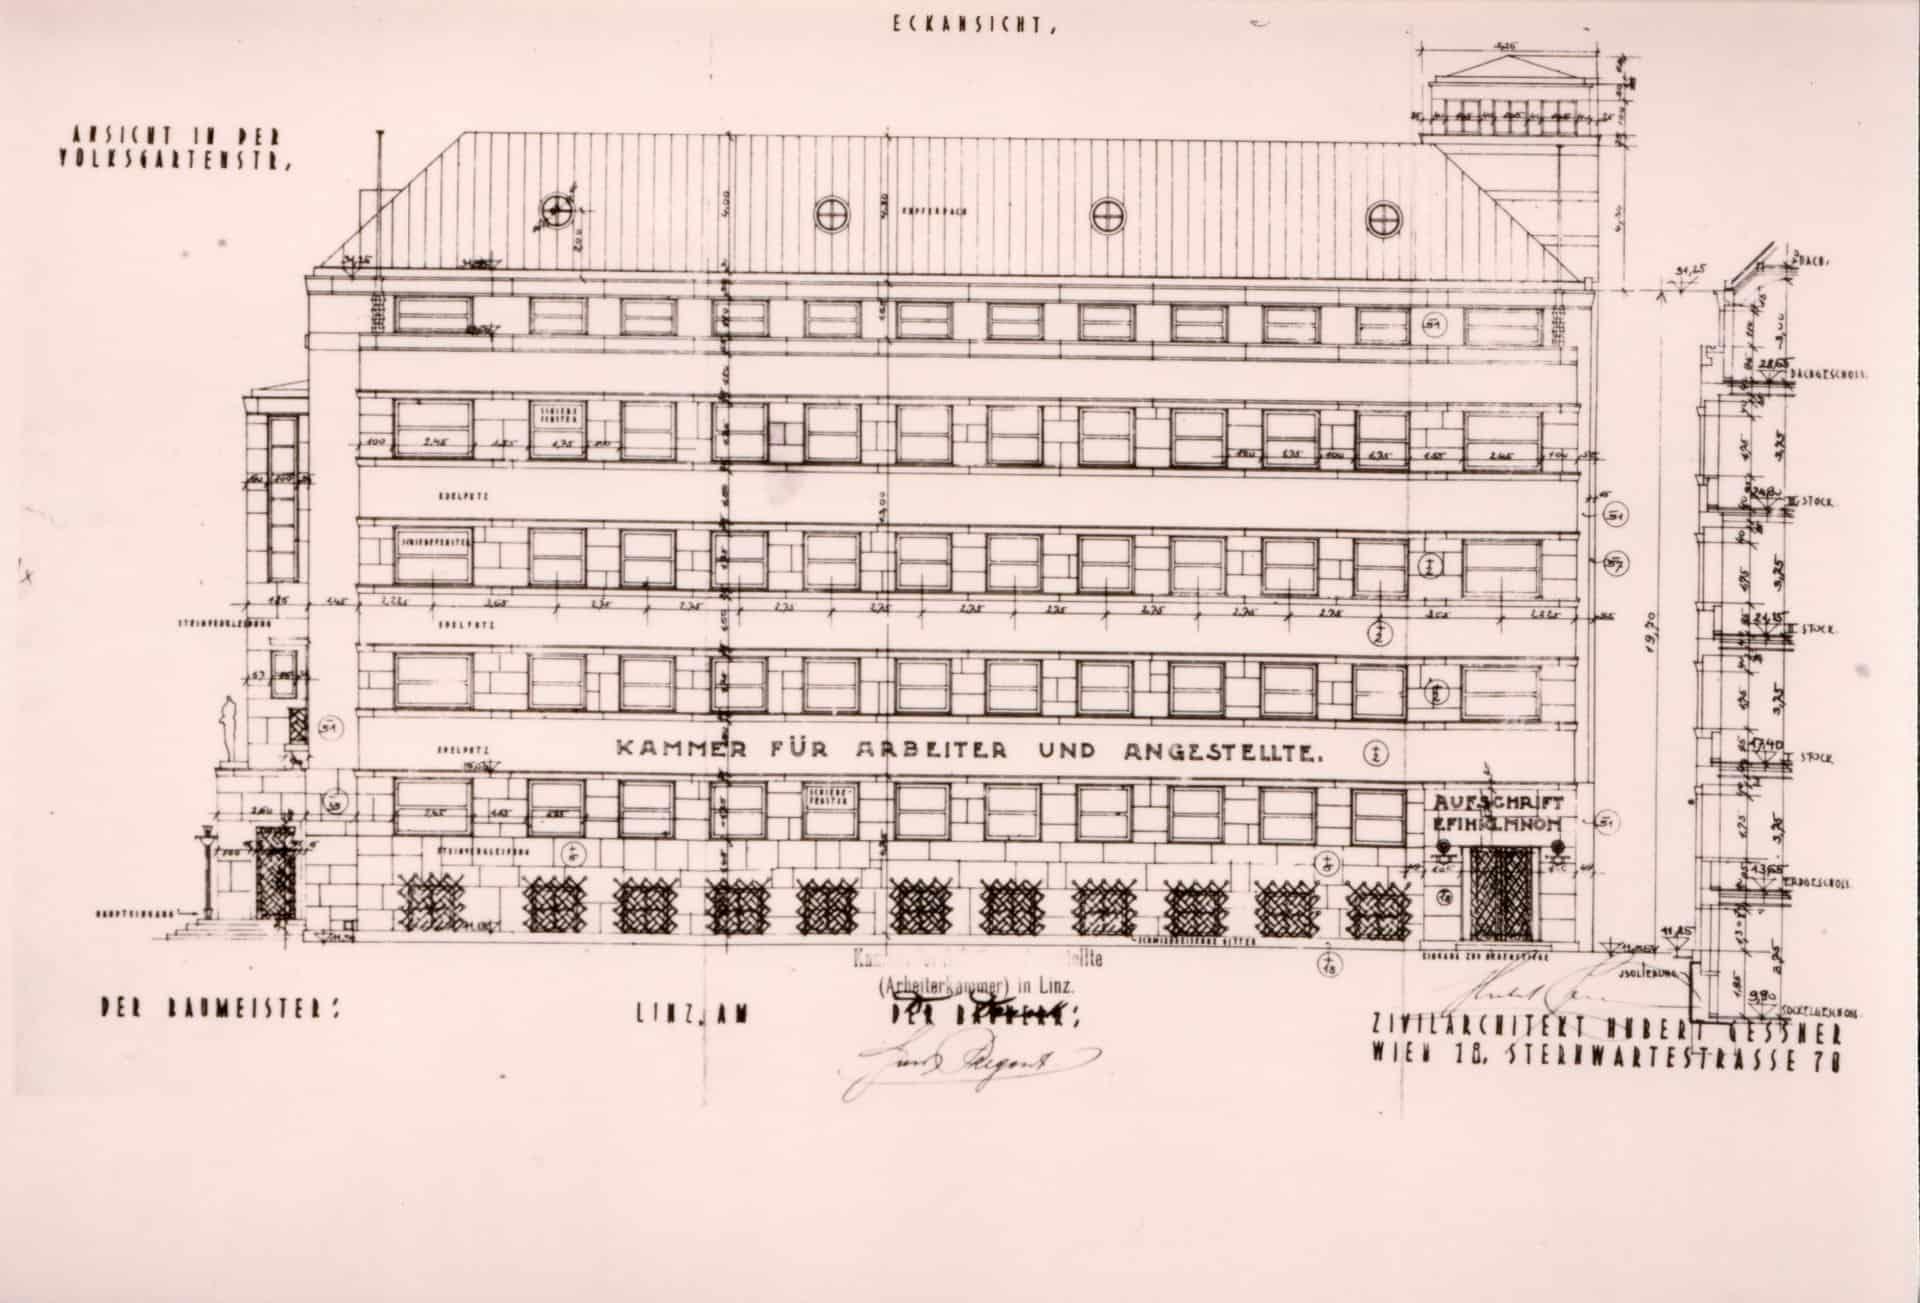 03-02 Fassadenplan (AK OÖ)_web